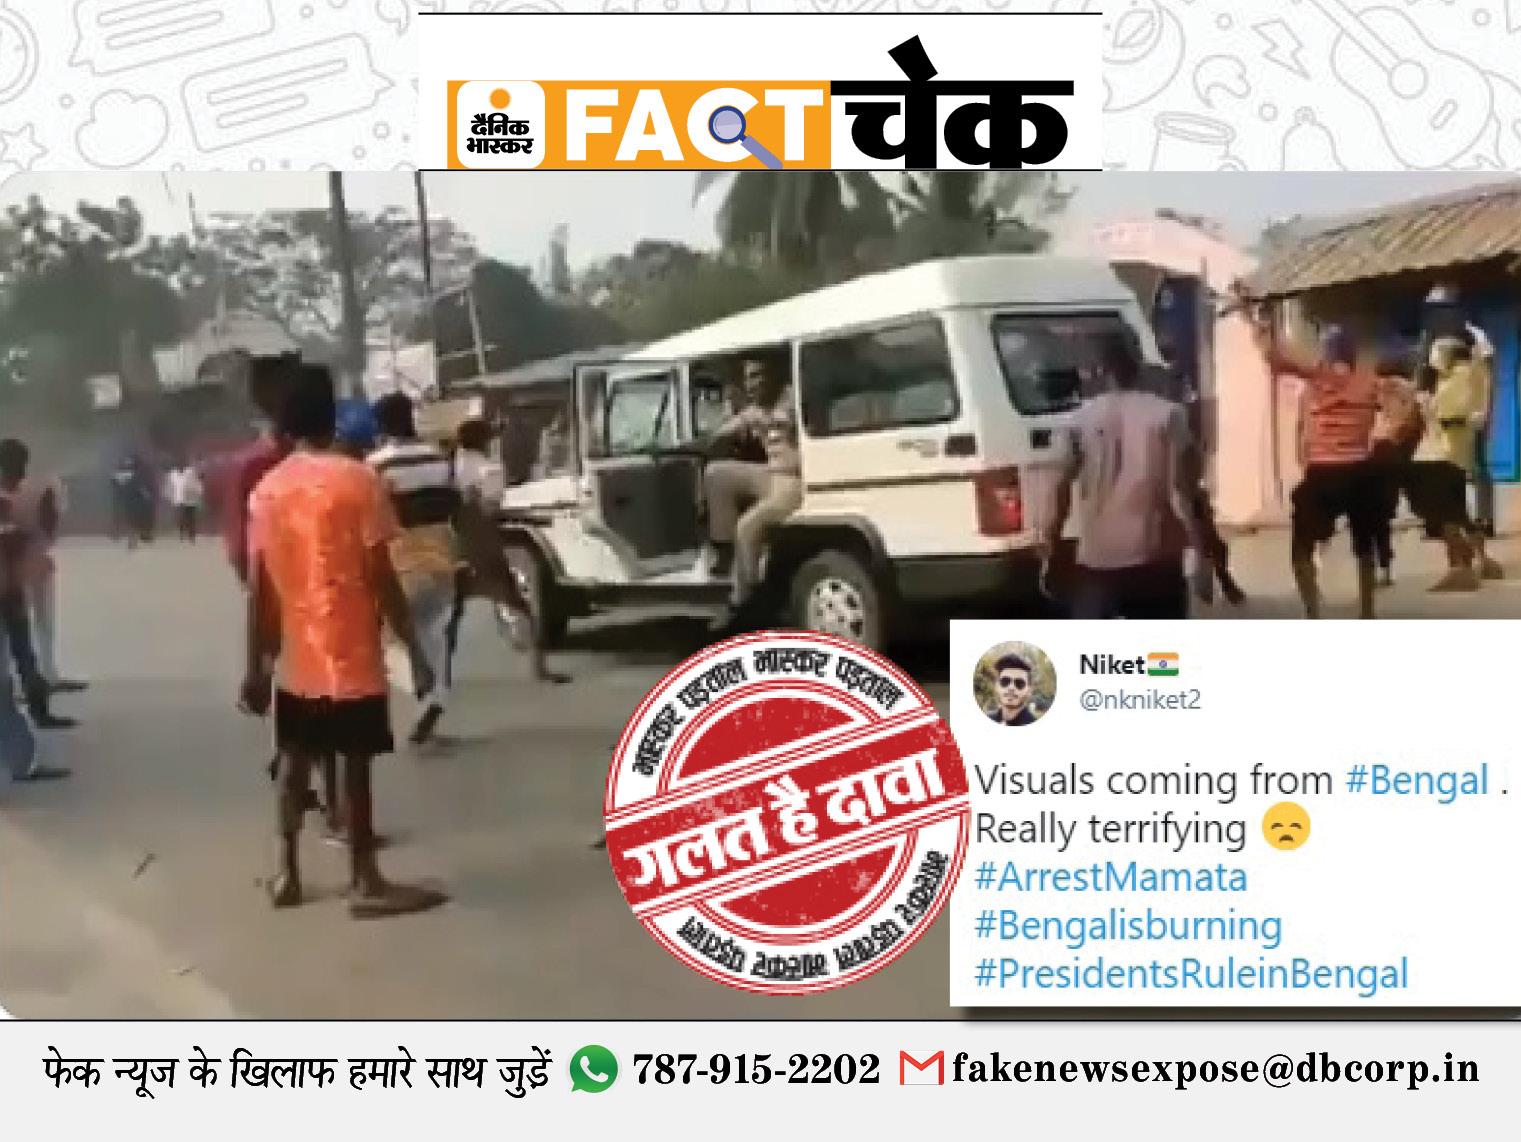 बंगाल में राजनीतिक हिंसा के दौरान TMC कार्यकर्ताओं ने पुलिस पर किया हमला? जानिए इस वायरल वीडियो का सच फेक न्यूज़ एक्सपोज़,Fake News Expose - Dainik Bhaskar